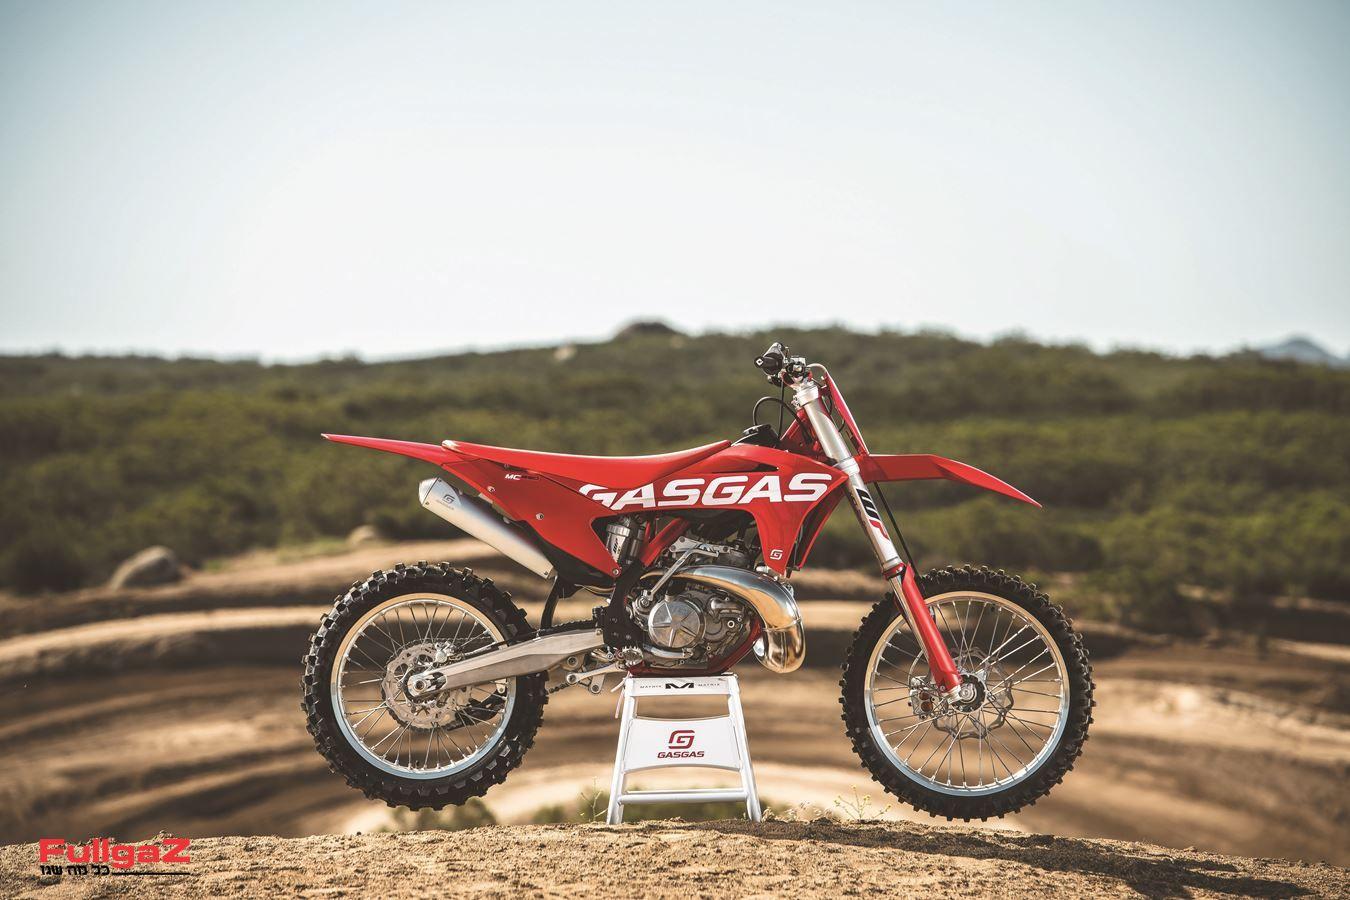 גאס גאס MC250 דו-פעימתי